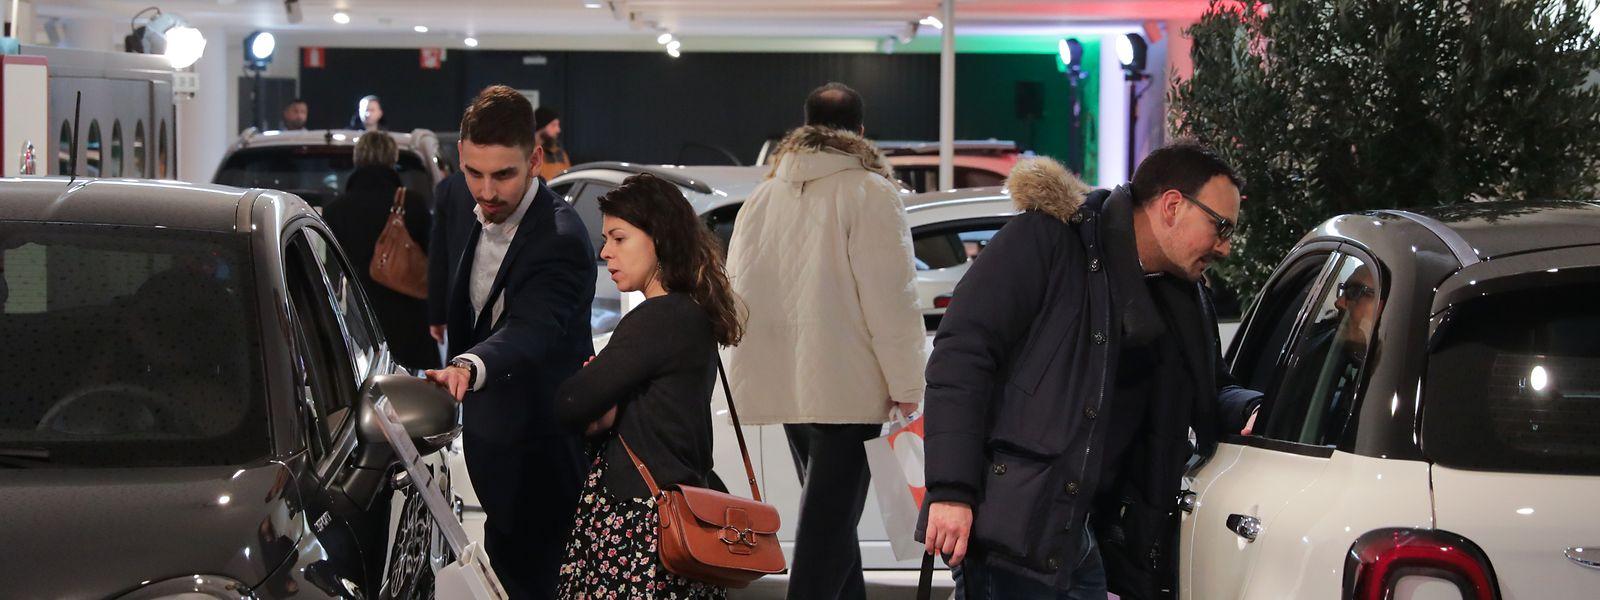 Am Autofestival beteiligten sich in diesem Jahr 80 Autohändler. Im Mittelpunkt des Interesses standen auch Elektroautos – verkauft wurden allerdings nur wenige.